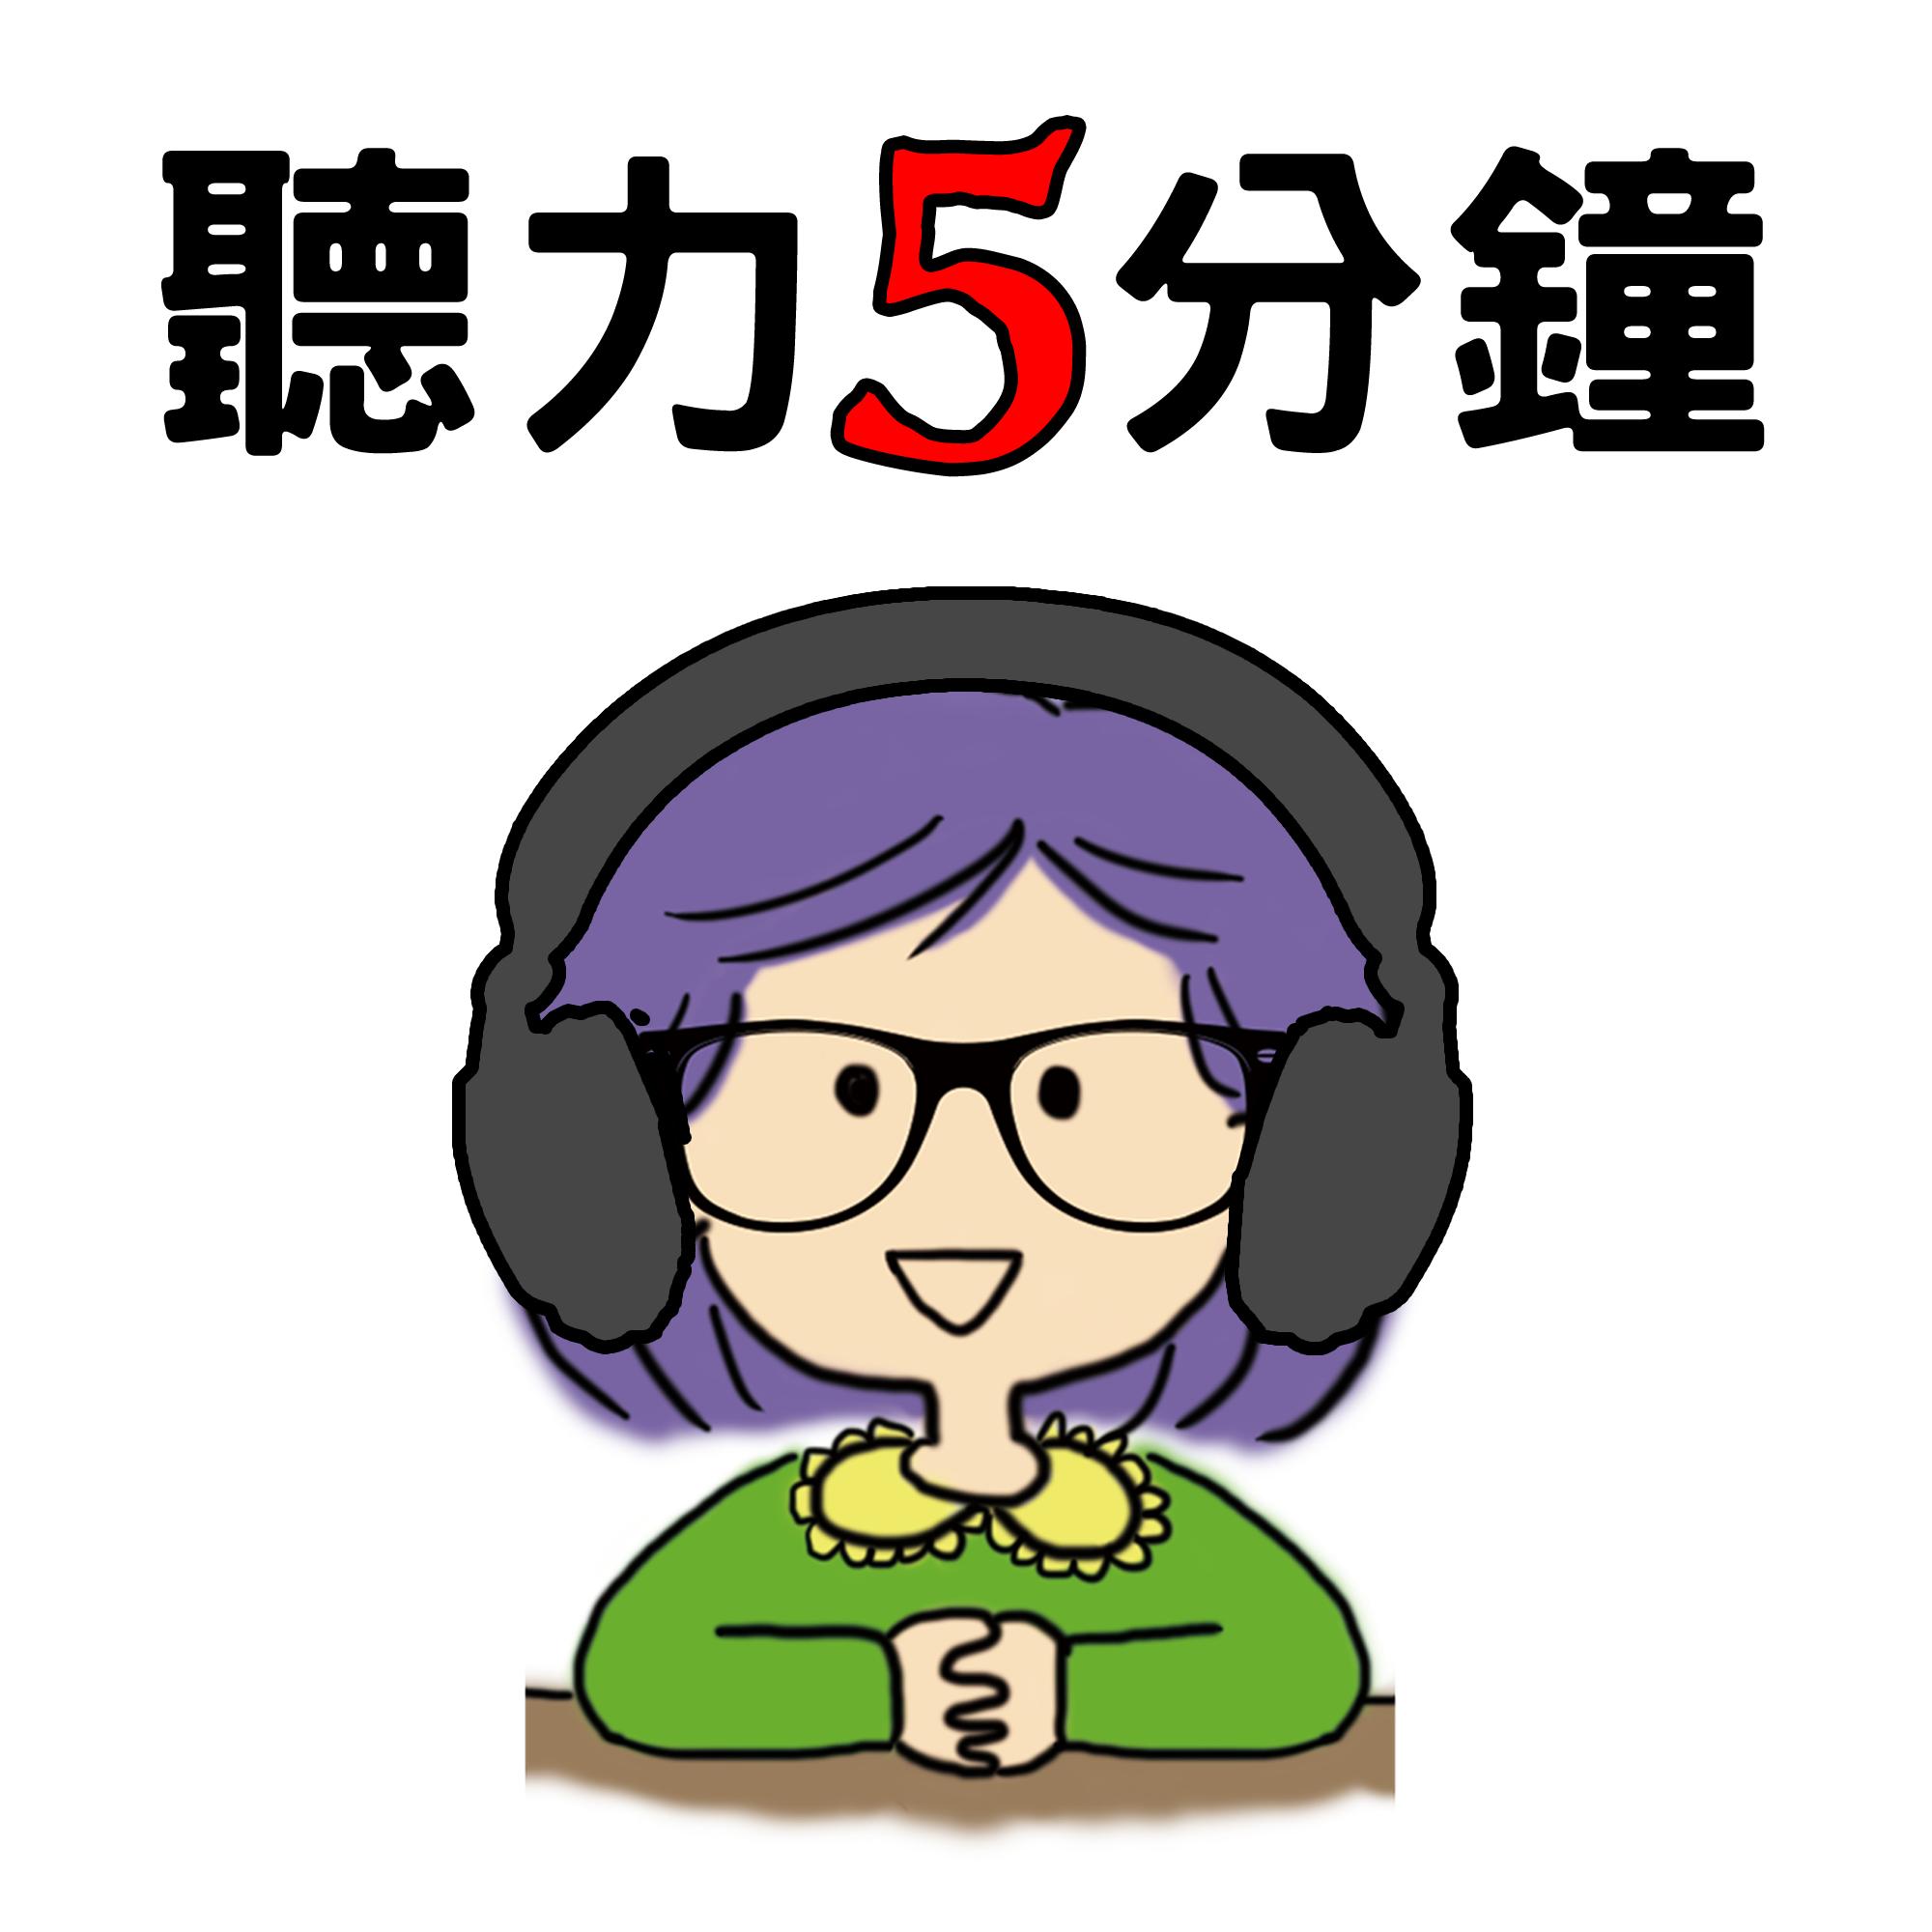 聽力5分鐘#2:圖片描述 (Pictures)